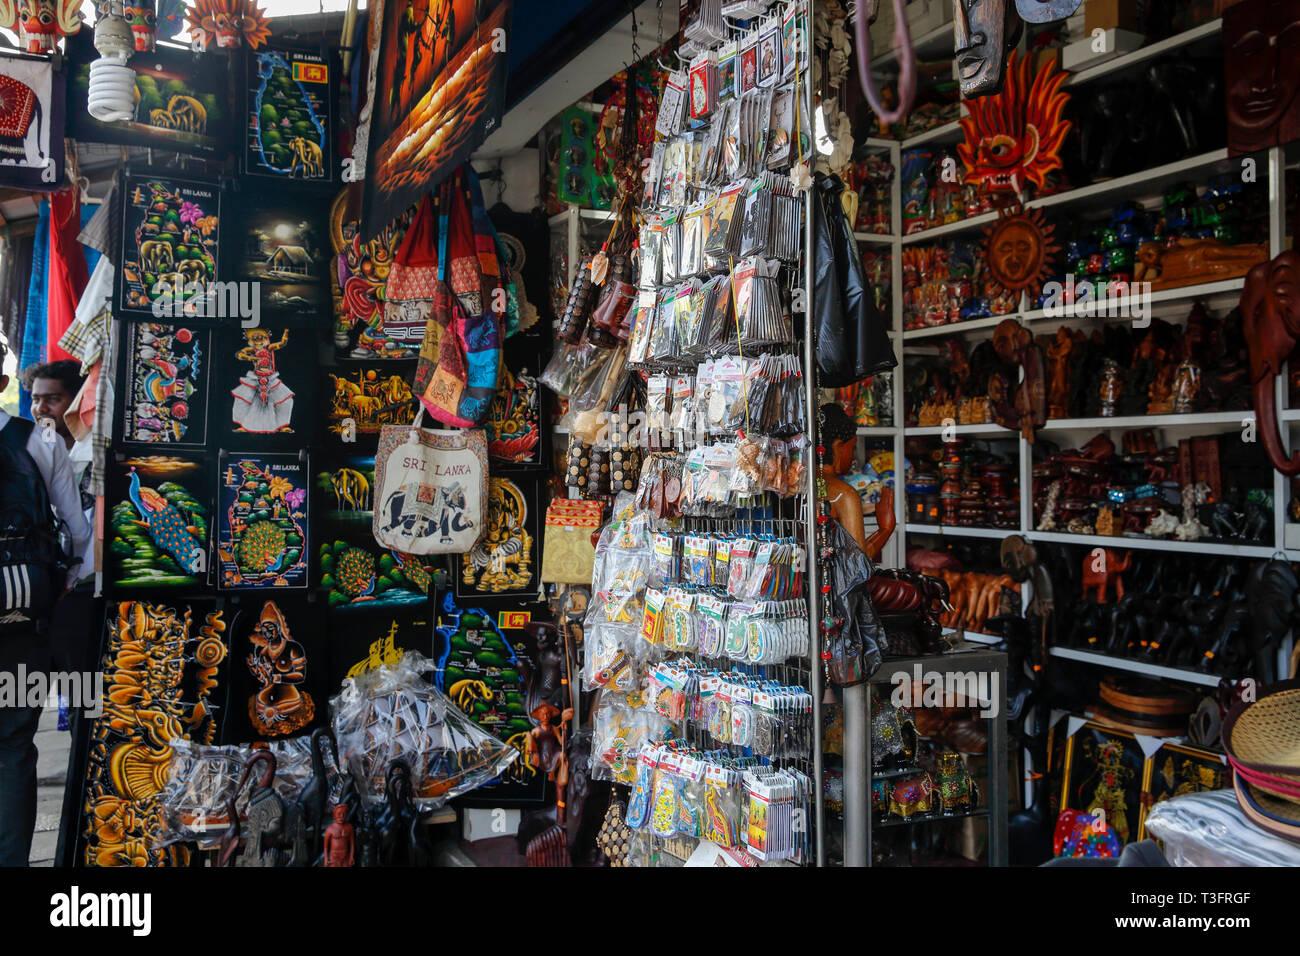 Negozio di souvenir sulle strade di Colombo, Sri Lanka. Immagini Stock